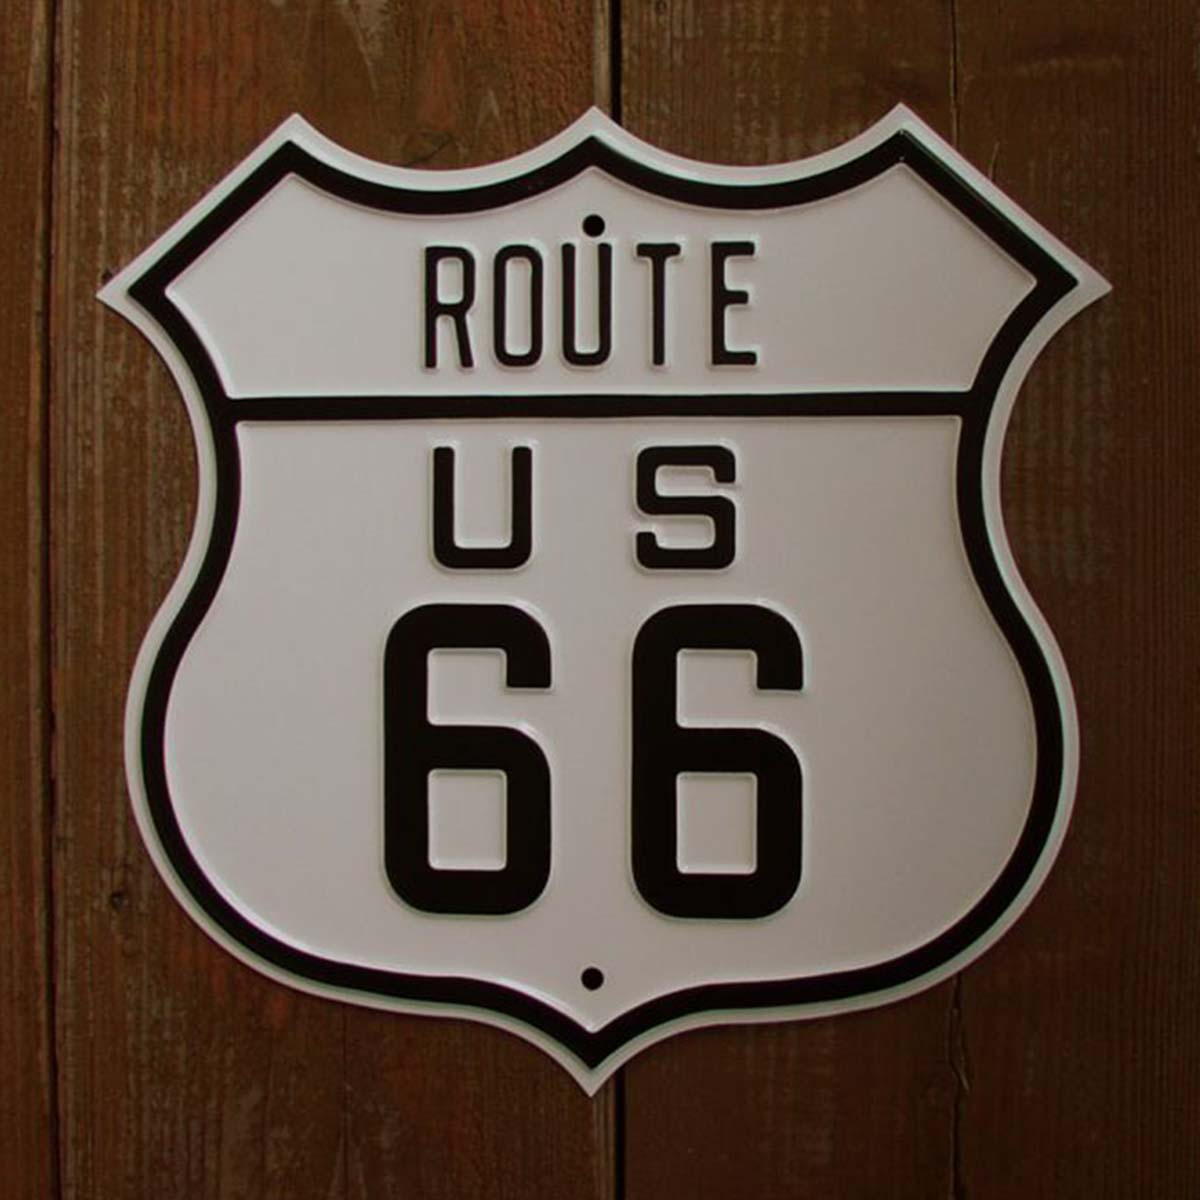 画像1: US ルート66 Route 66 プレーン ストリート サイン (1)